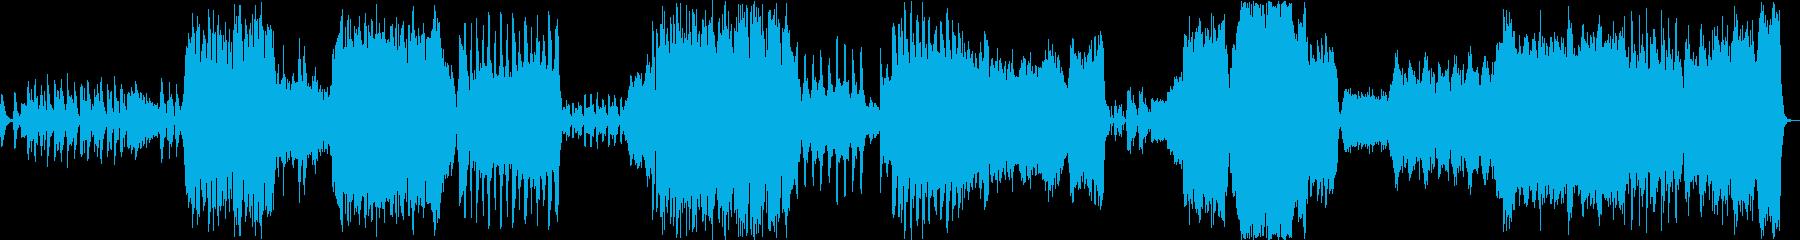 ハロウィンの再生済みの波形